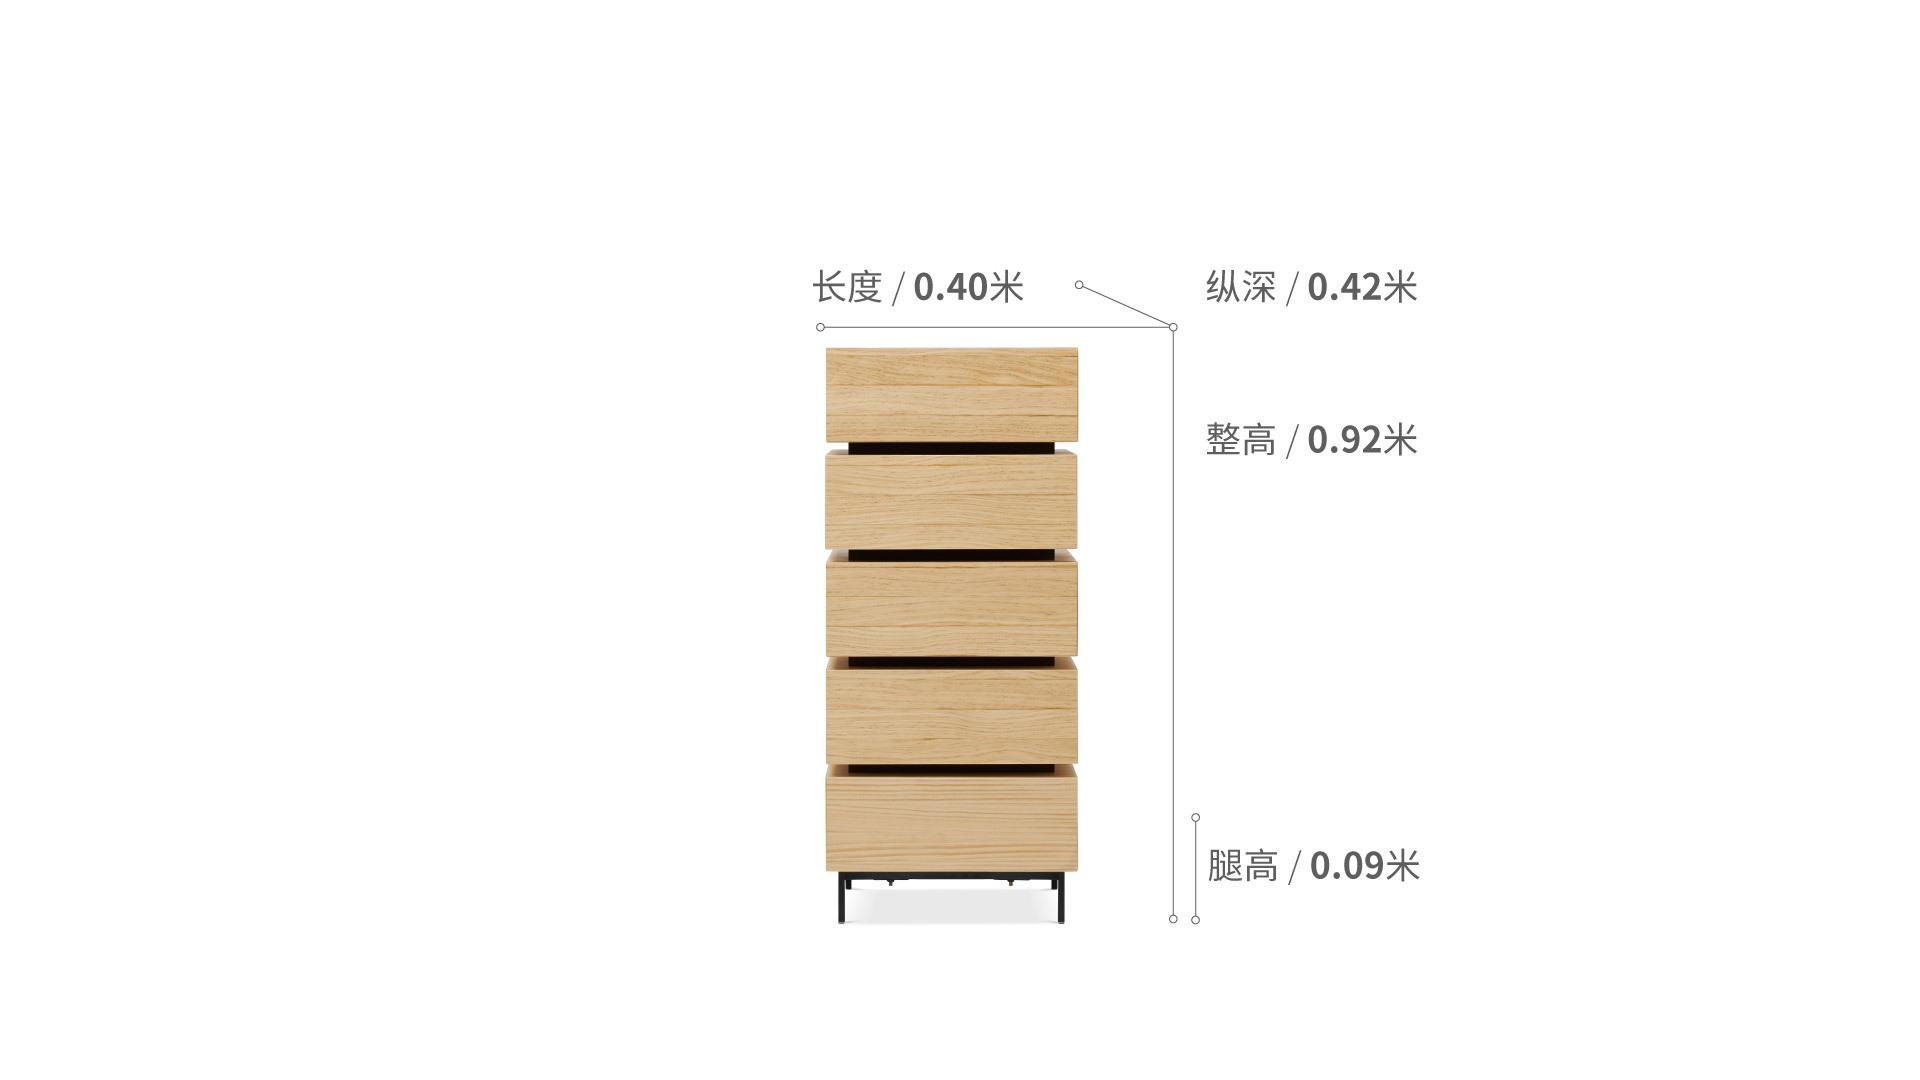 流方斗柜五层窄柜柜架效果图